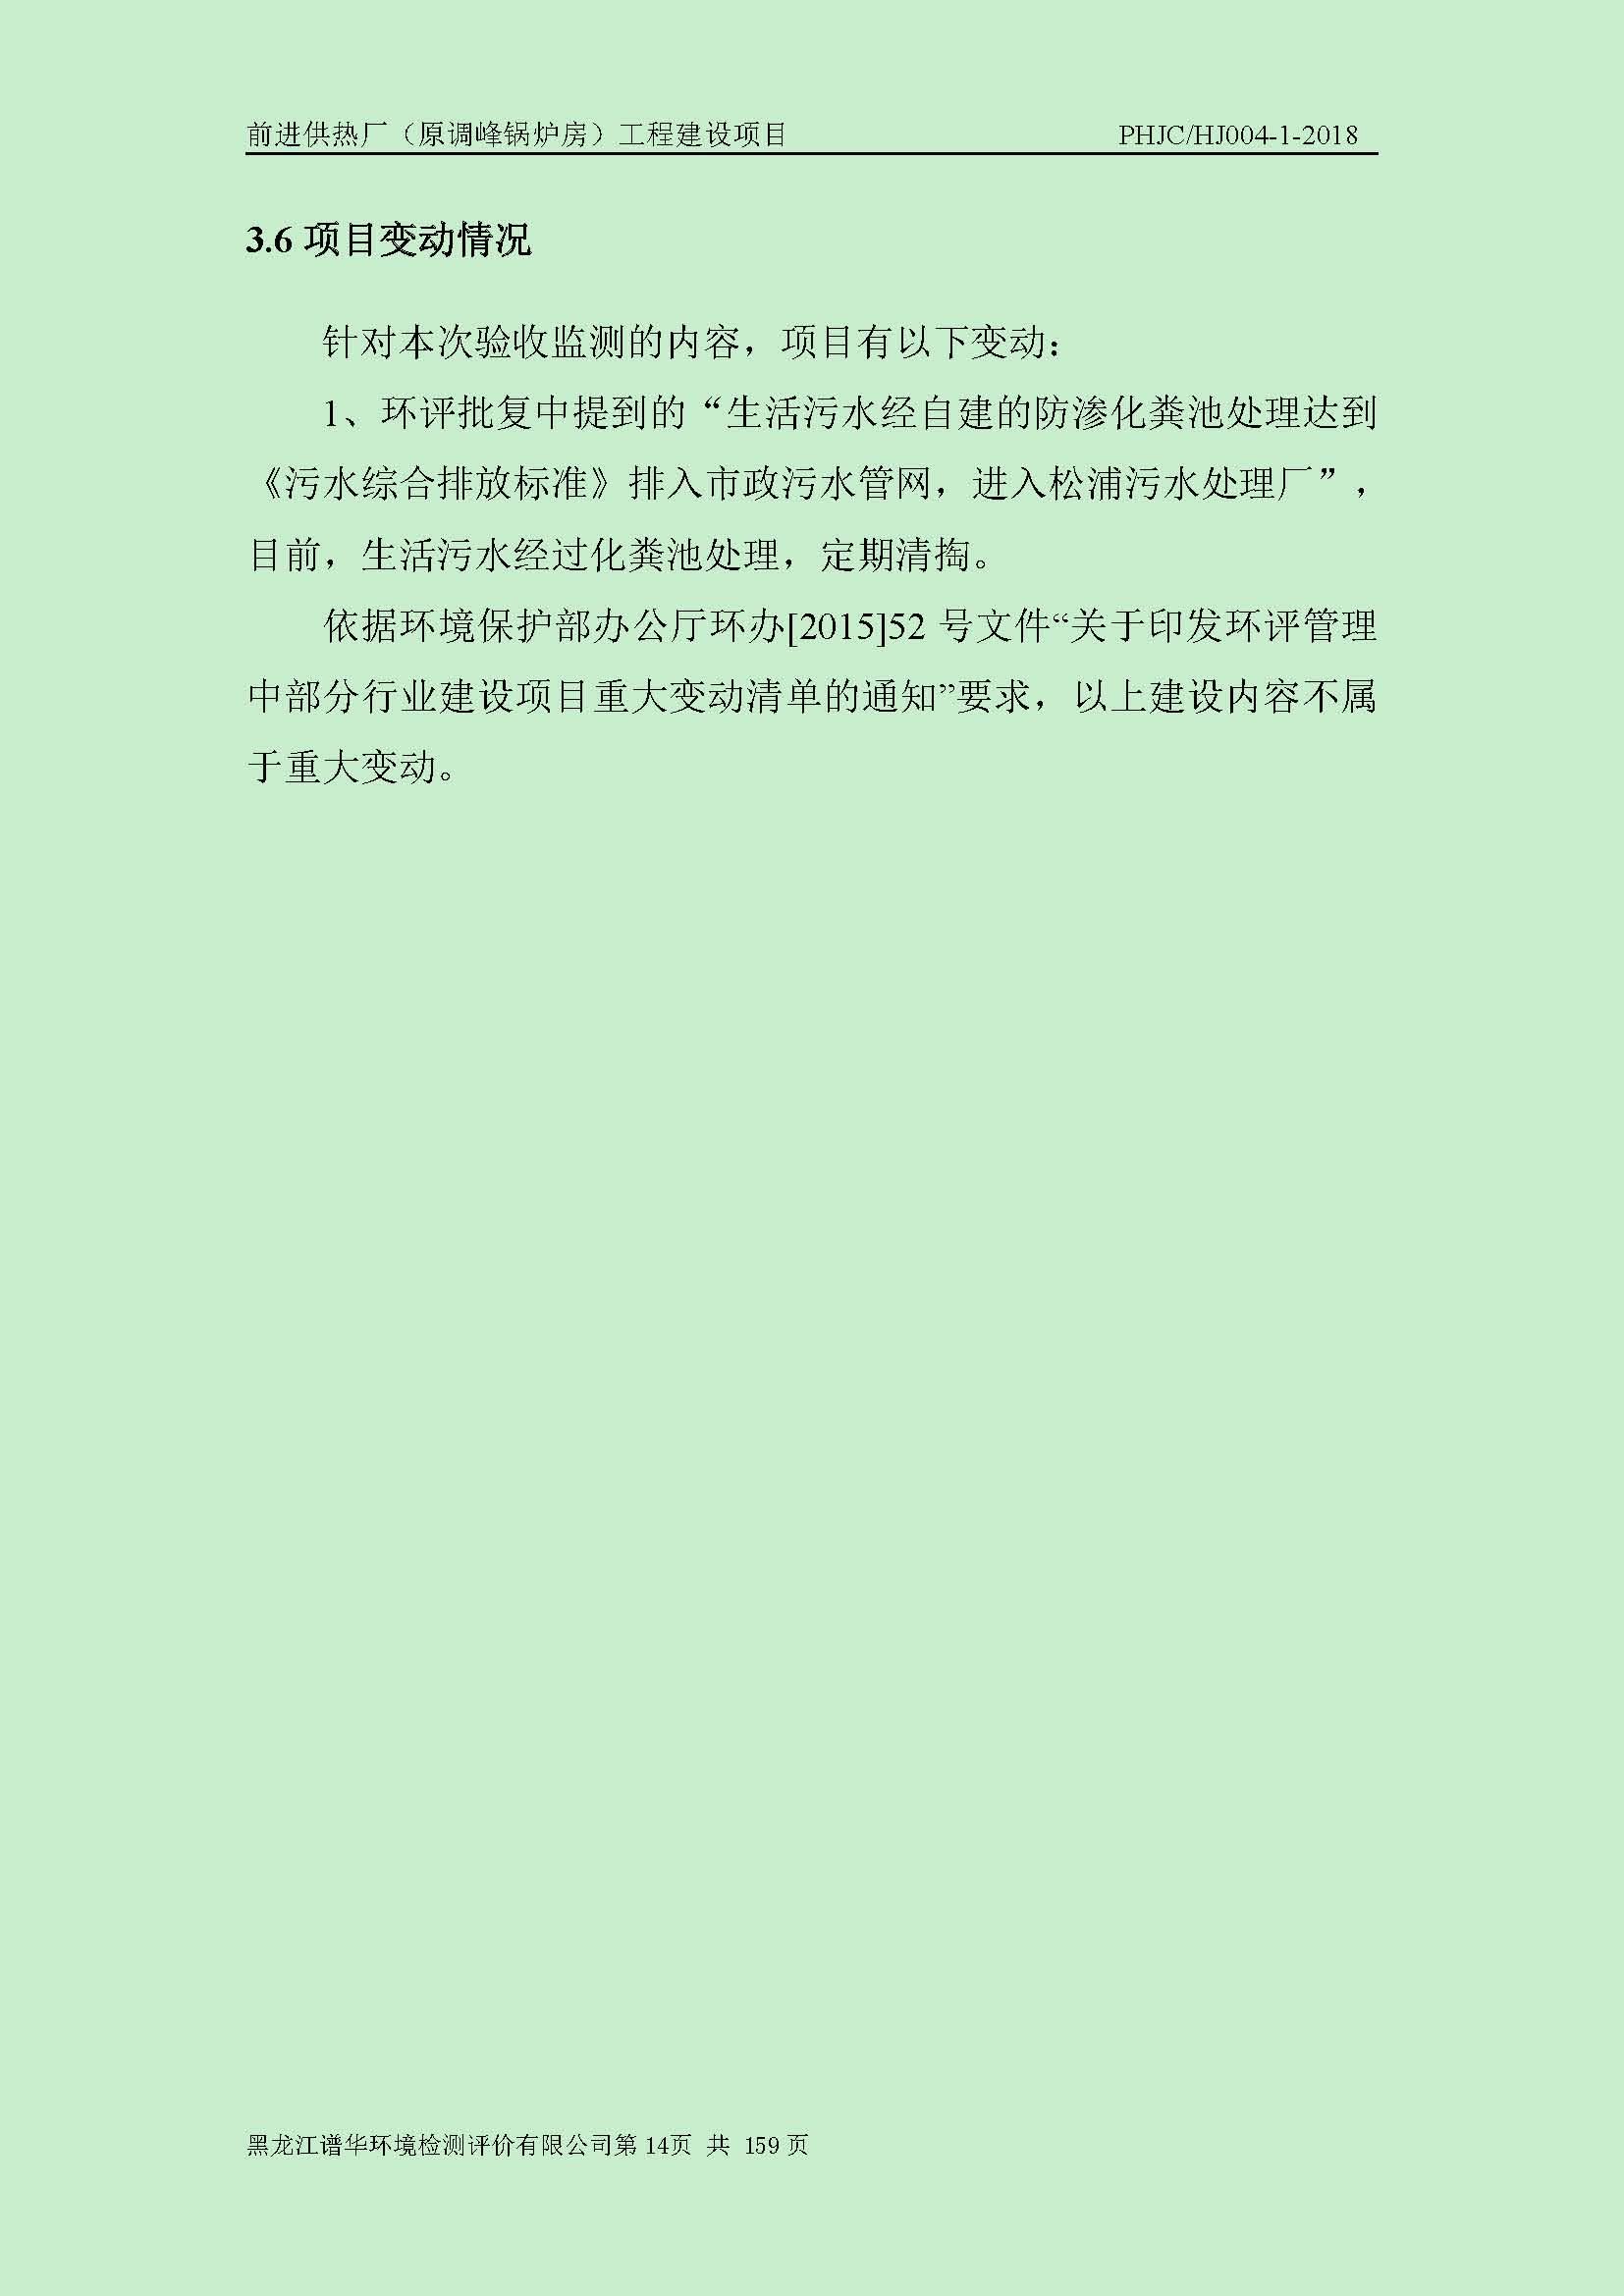 前进供热厂(原调峰锅炉房)工程建设项目环境保护验收|项目公示-黑龙江谱华环境检测评价有限公司